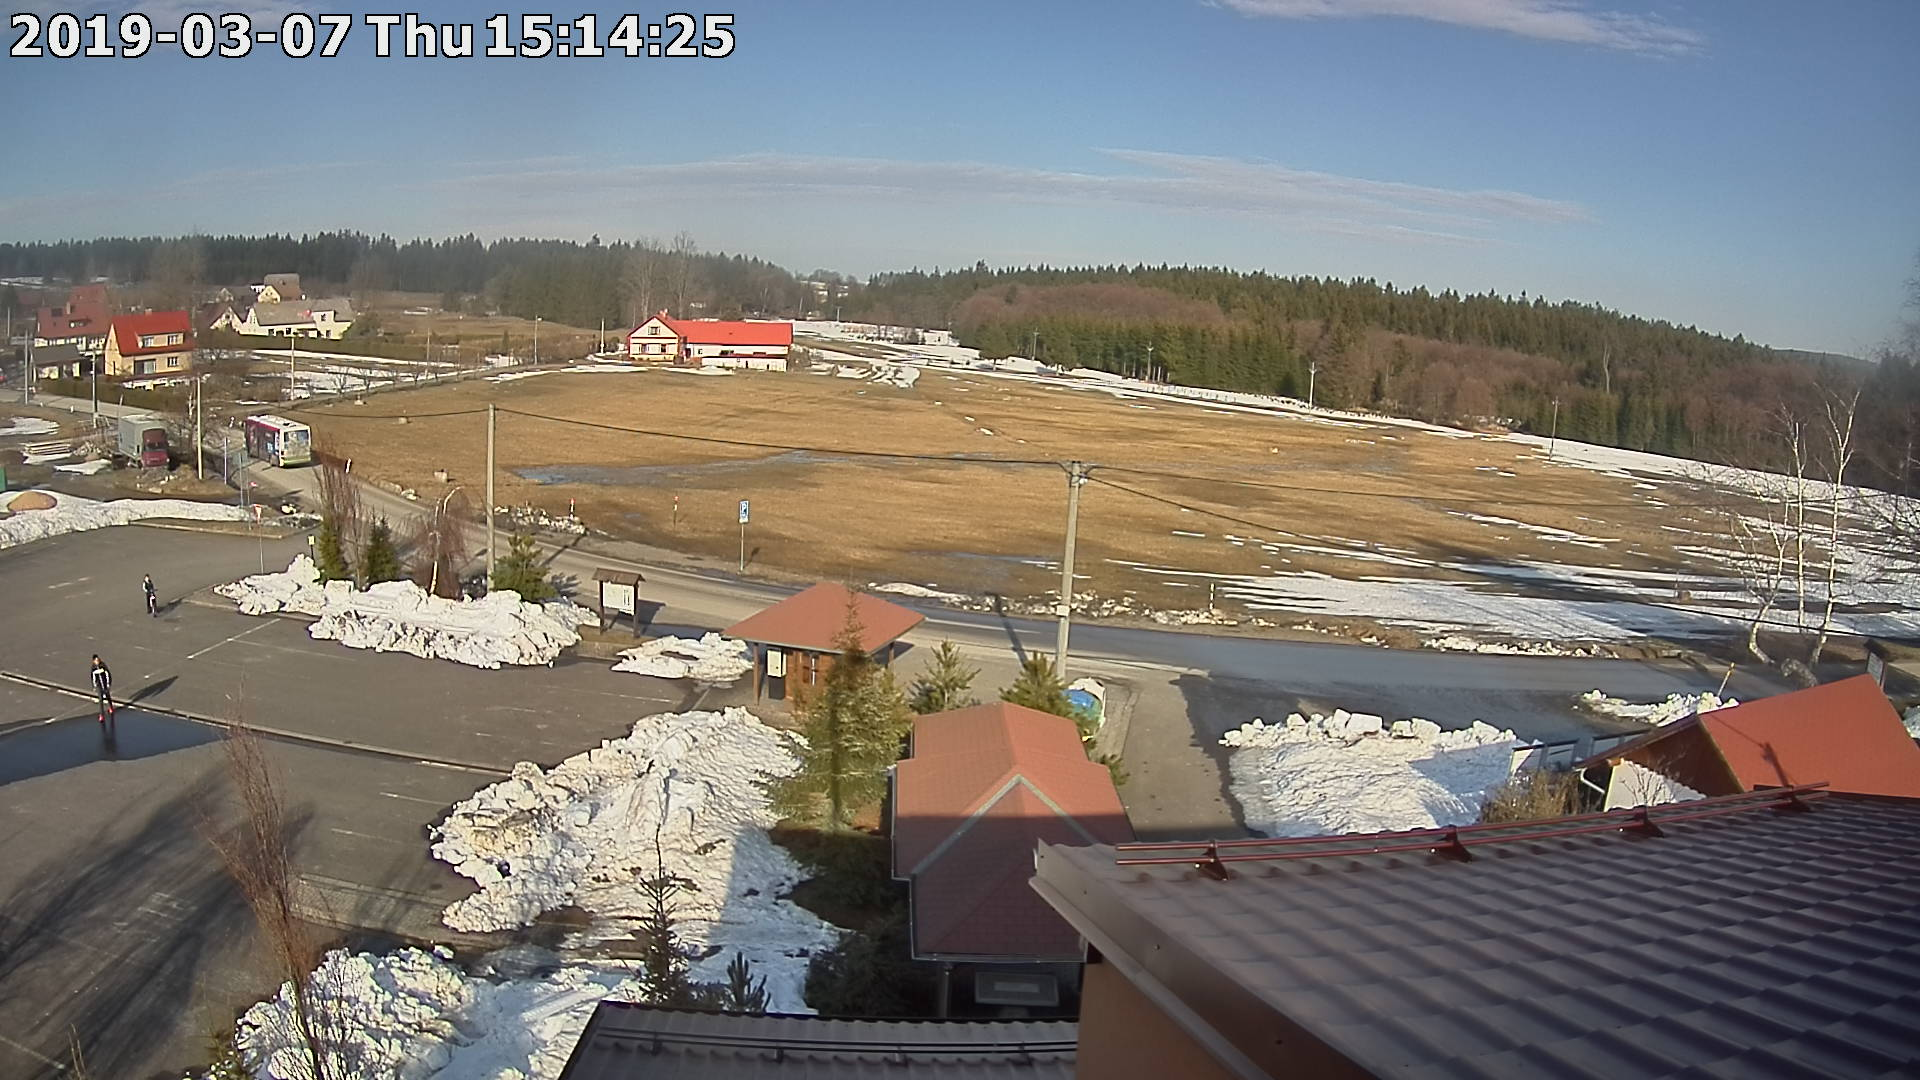 Webkamera ze dne 07.03.2019